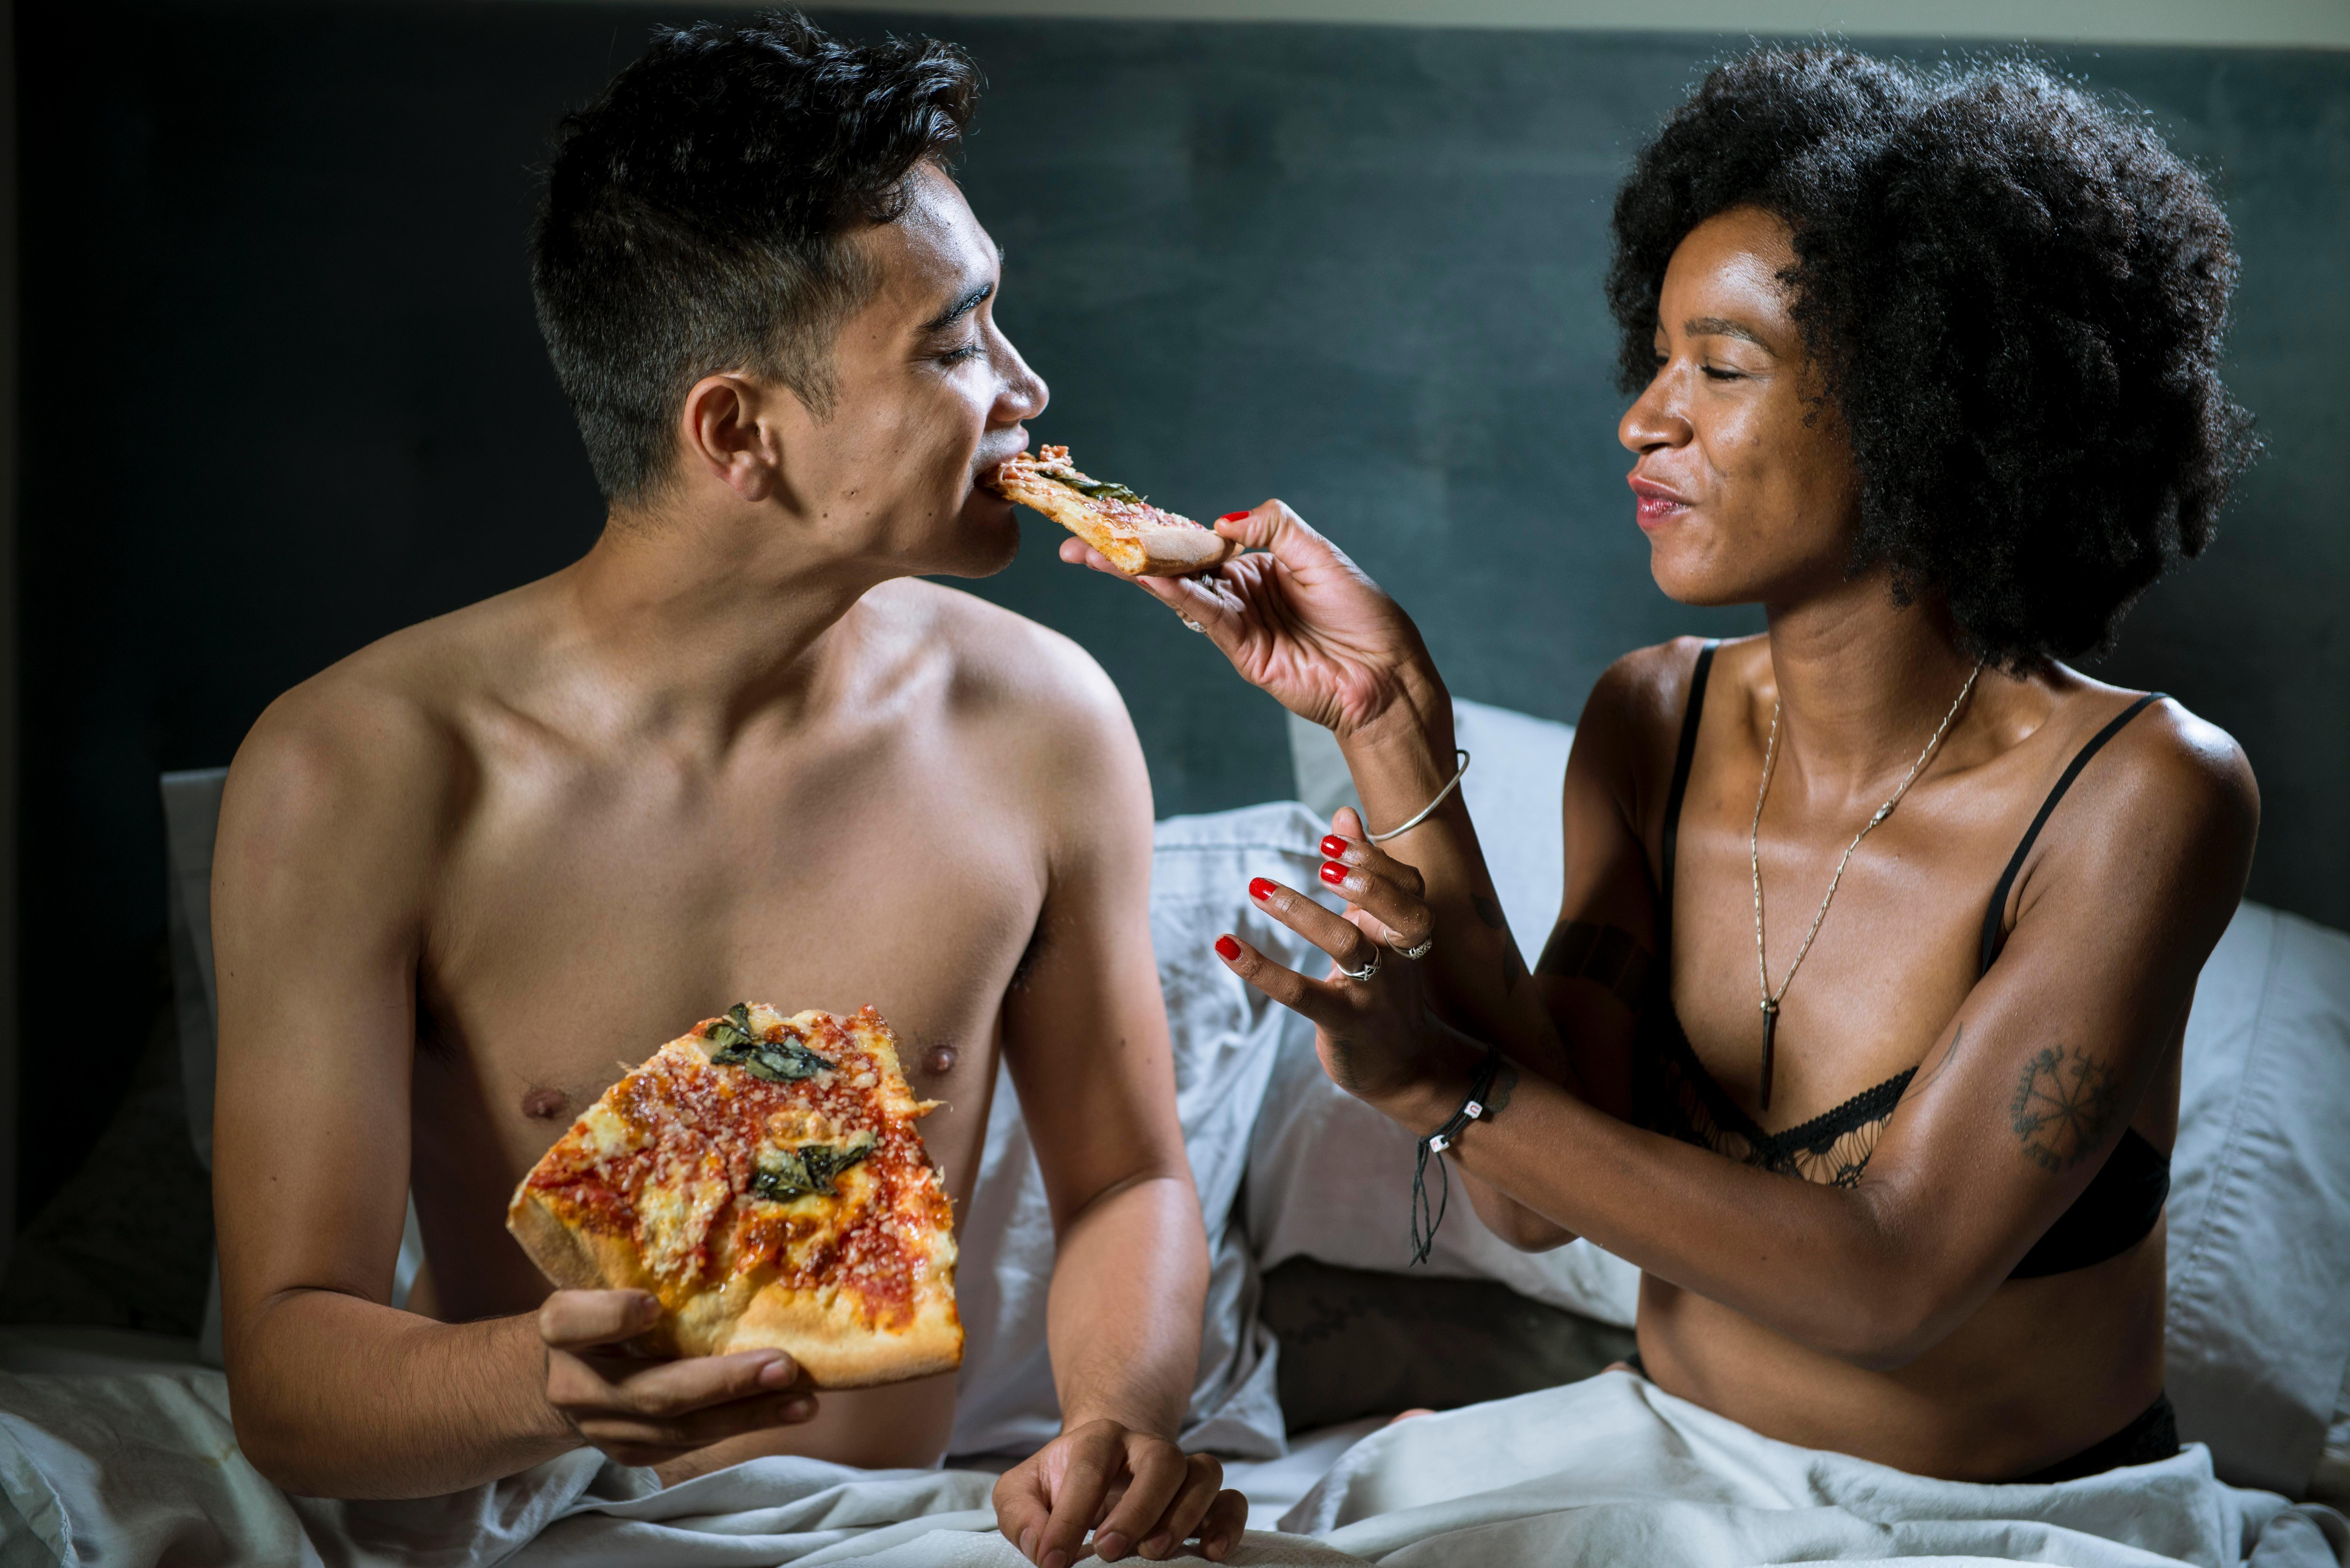 7 ways boyfriend acts like toddler dinner dates